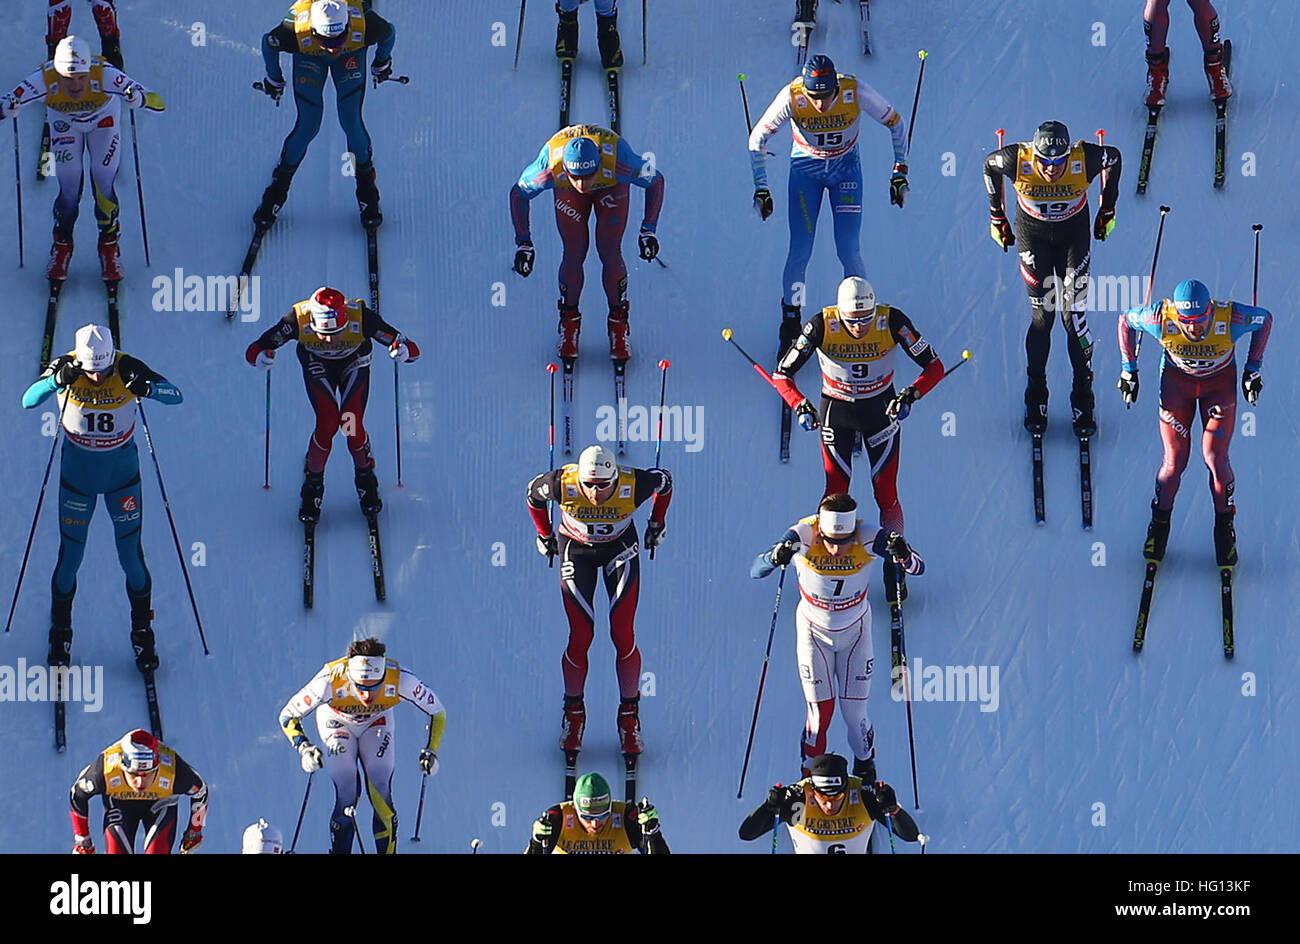 Oberstdorf, Germania. 03 gen 2017. I fondisti in azione durante la FSI Tour de Ski la concorrenza a Oberstdorf in Immagini Stock